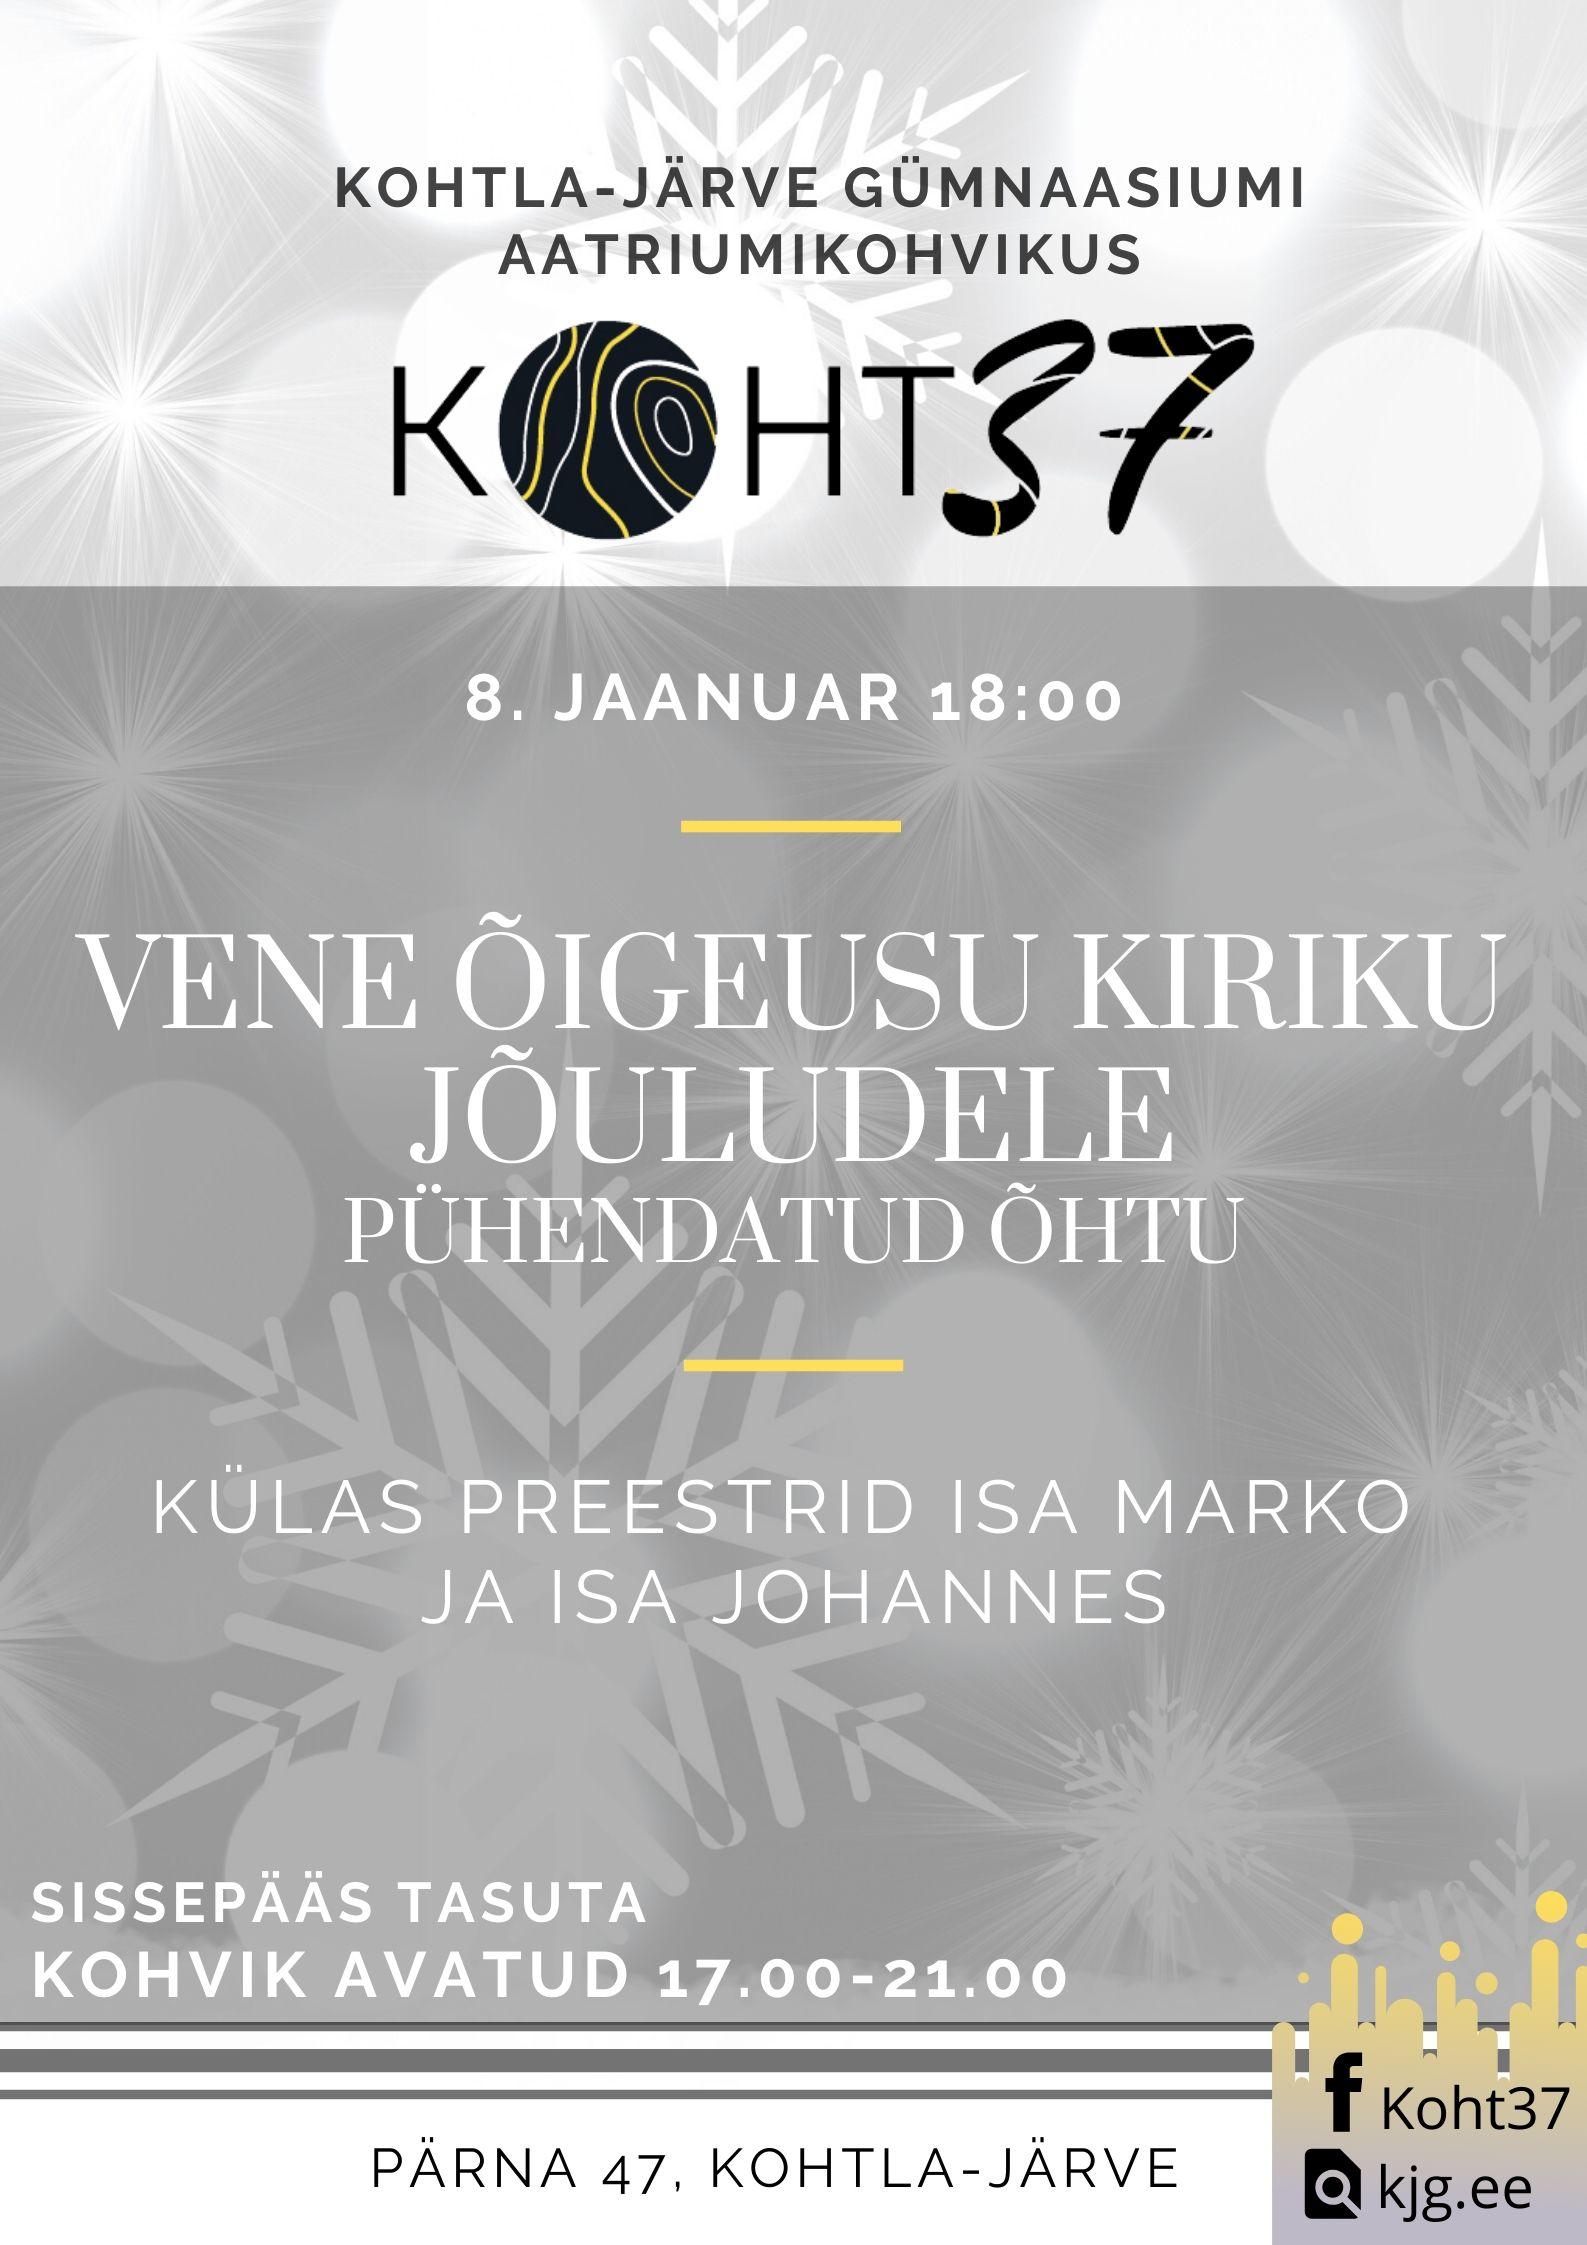 KOHT37: Vene õigeusu kiriku jõuludele pühendatud õhtu